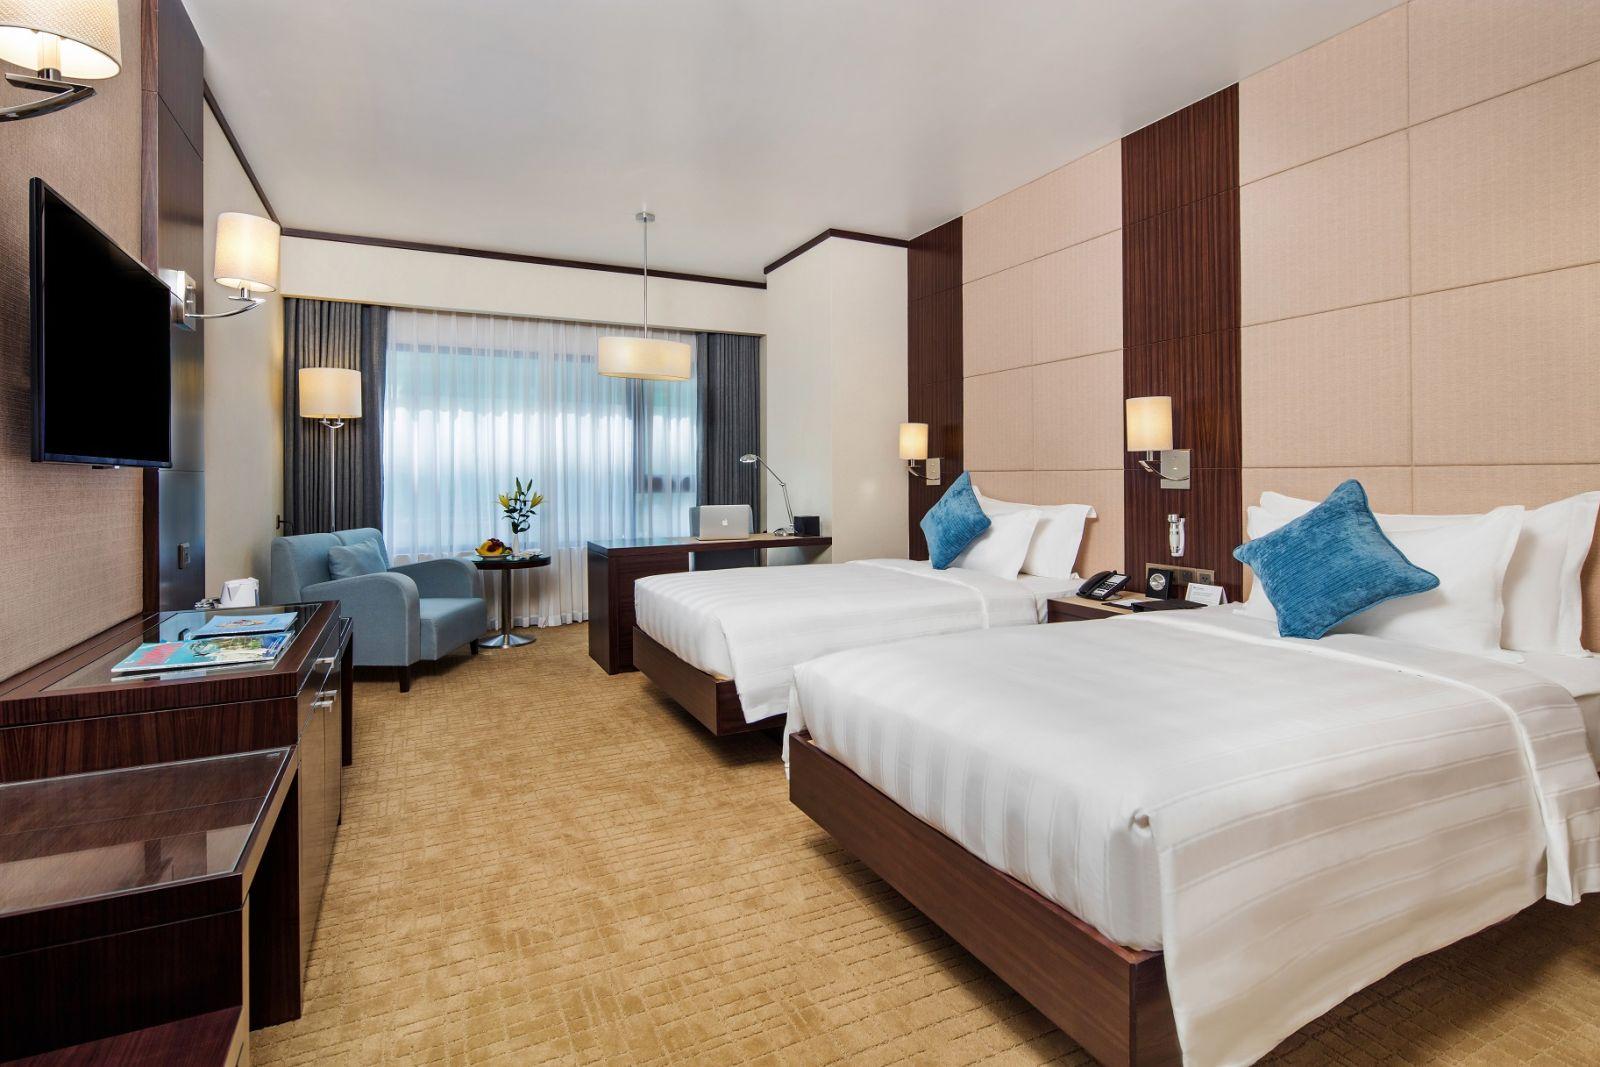 6 điều cần lưu ý khi đặt phòng khách sạn